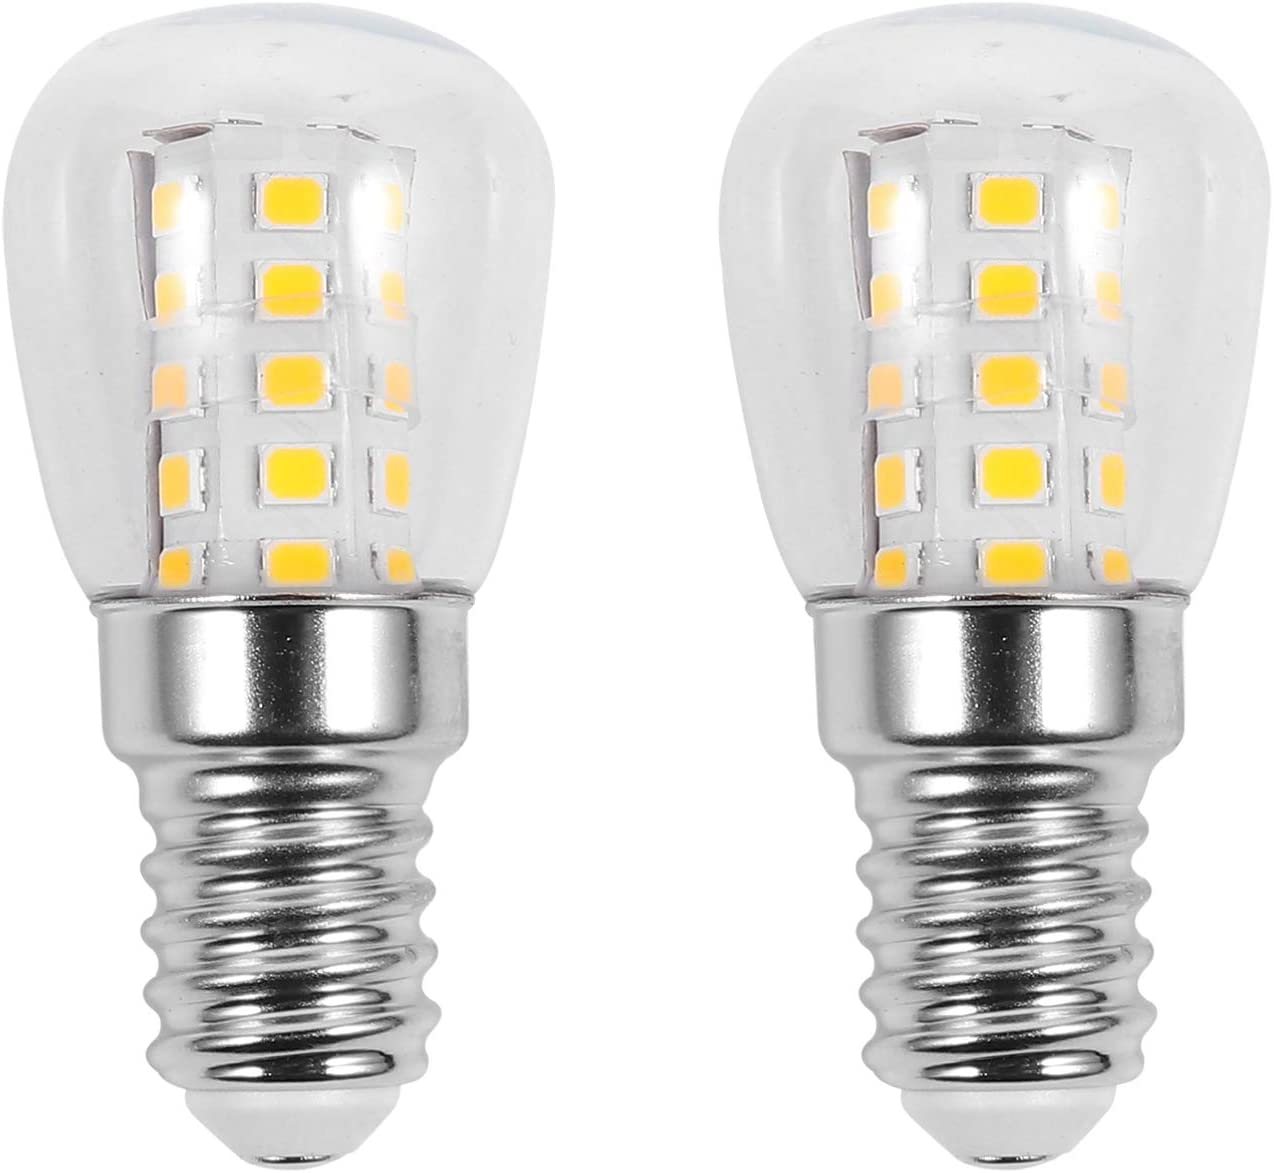 OSALADI 2 bombillas E14 de 3 W, resistentes a altas temperaturas, bombillas de cristal transparente, para horno, frigorífico, microondas